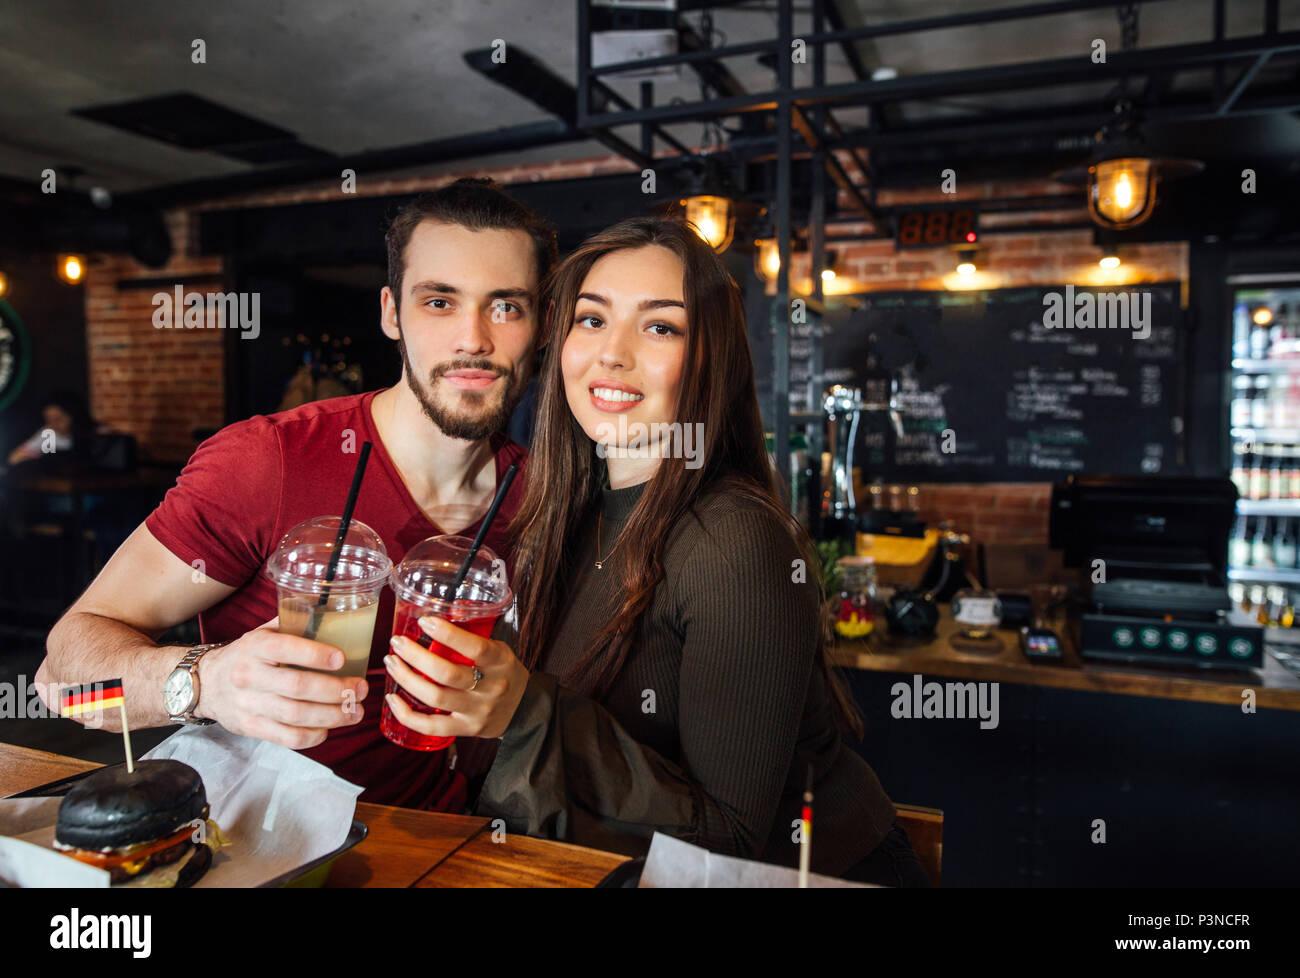 Jeune couple aimant positif rencontre dans un café. Photo Stock